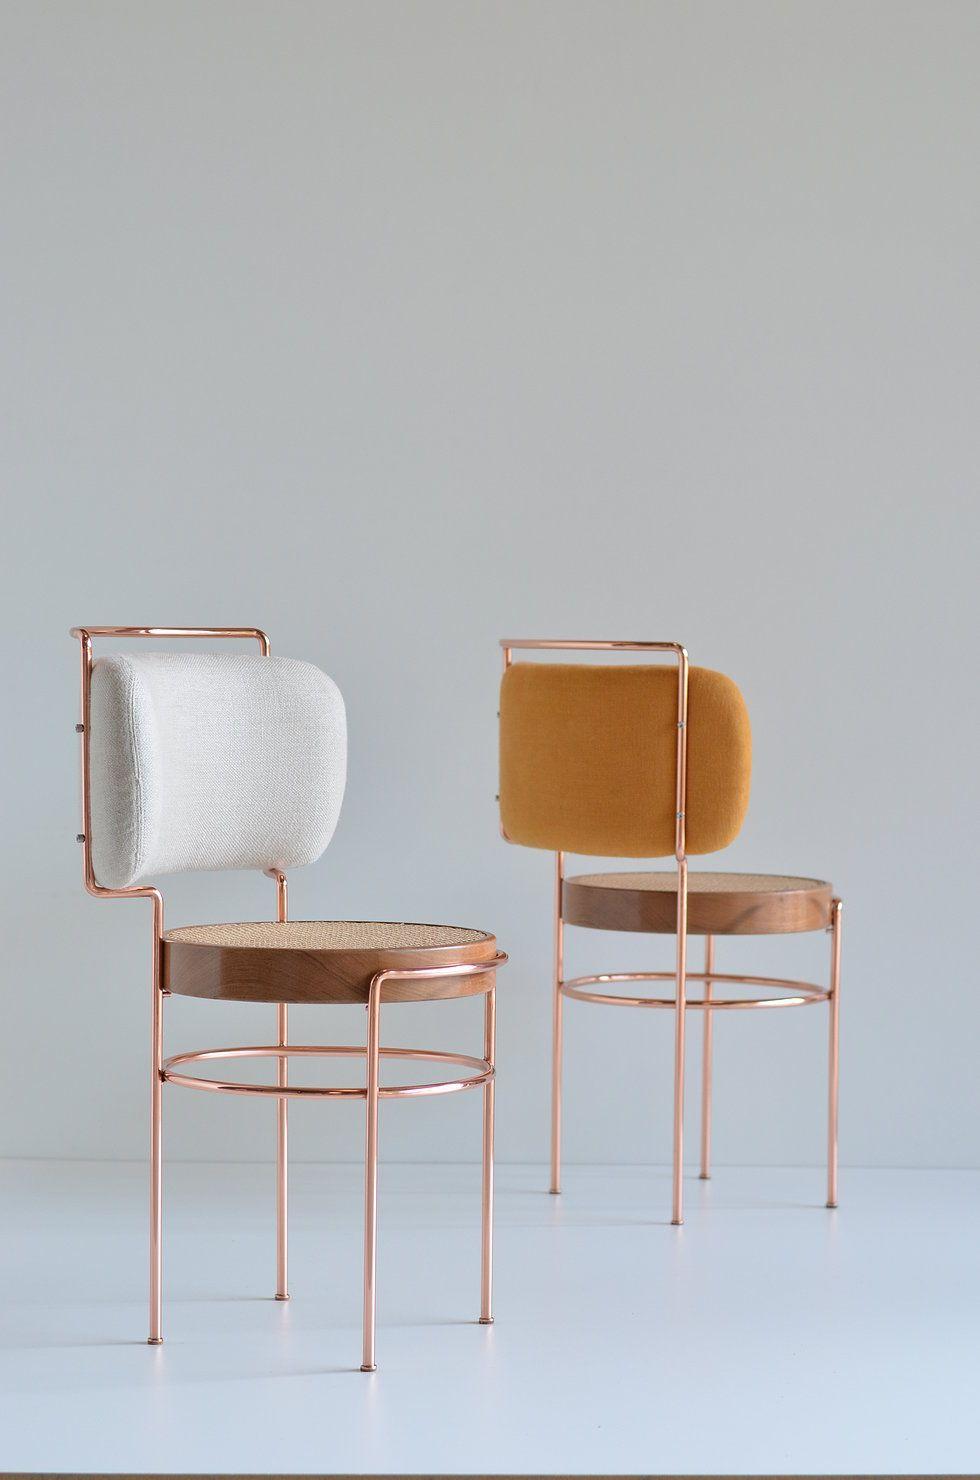 Image Result For Gustavo Bittencourt Furniture Designe Pinterest # Muebles Gustavo